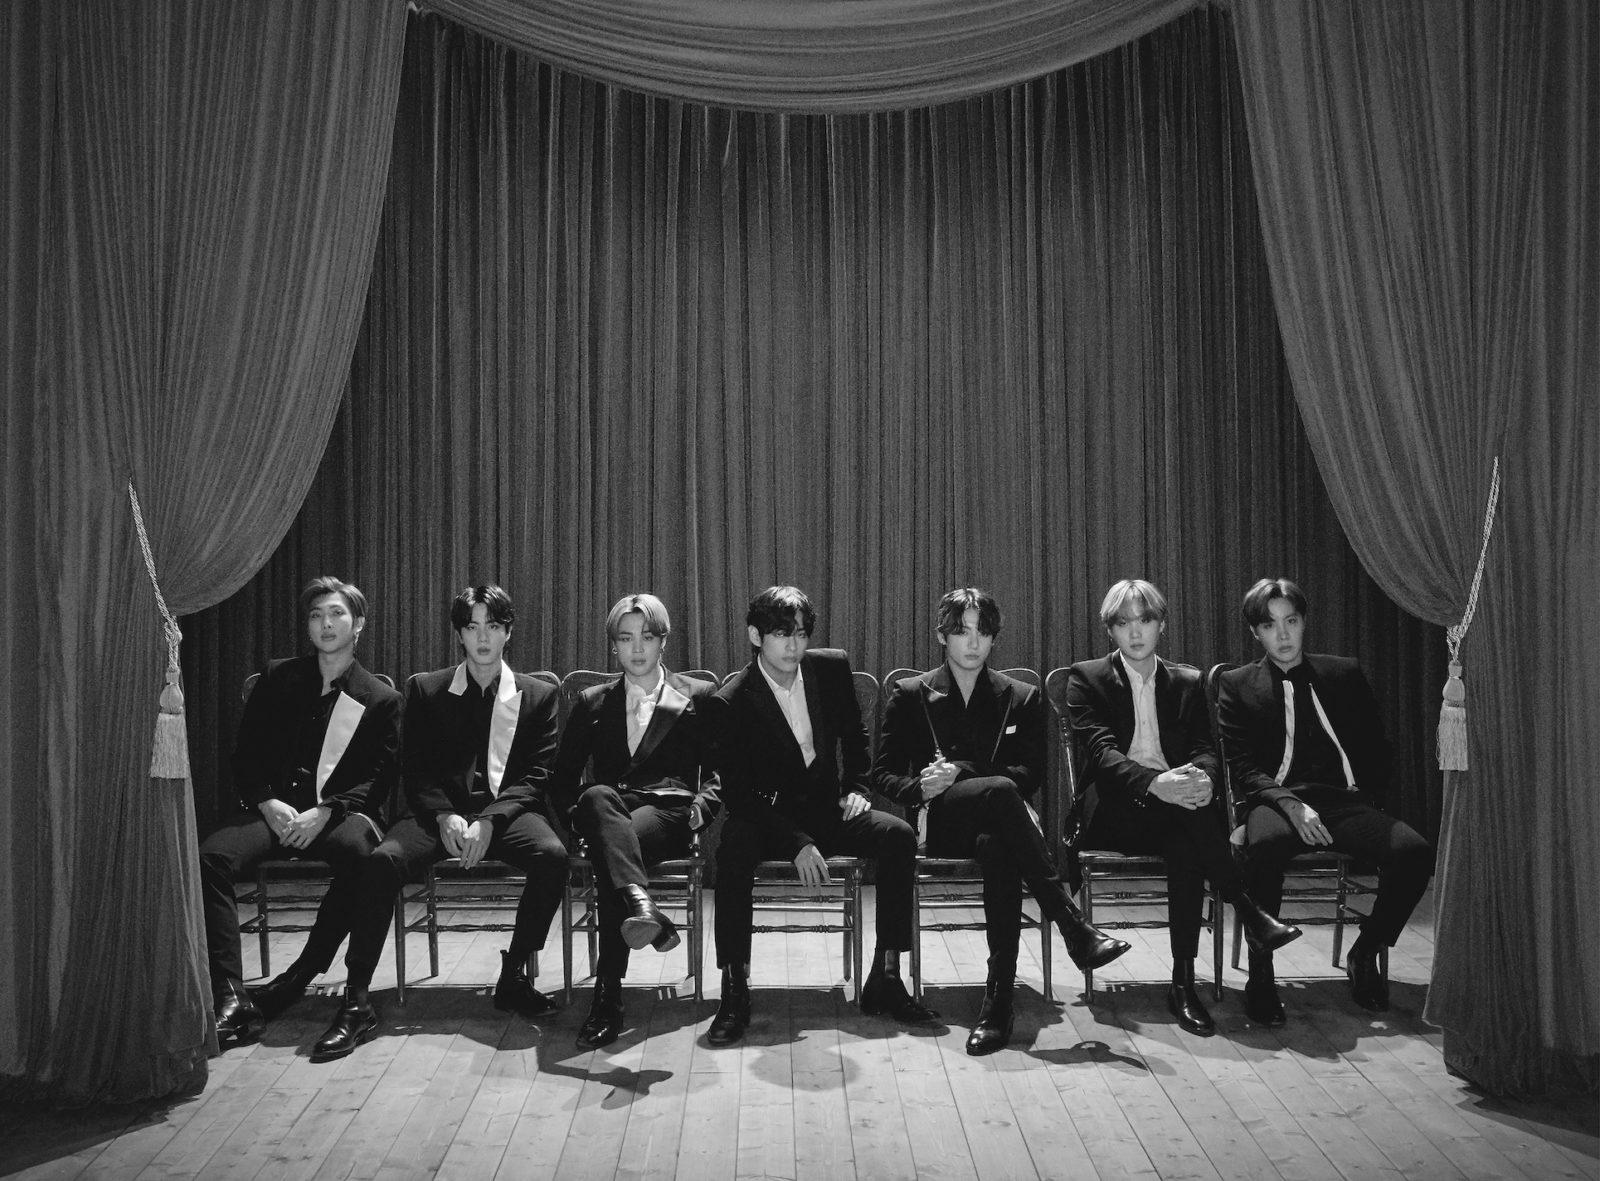 BTS、最新曲「Stay Gold」ミュージックビデオが5000万回突破サムネイル画像